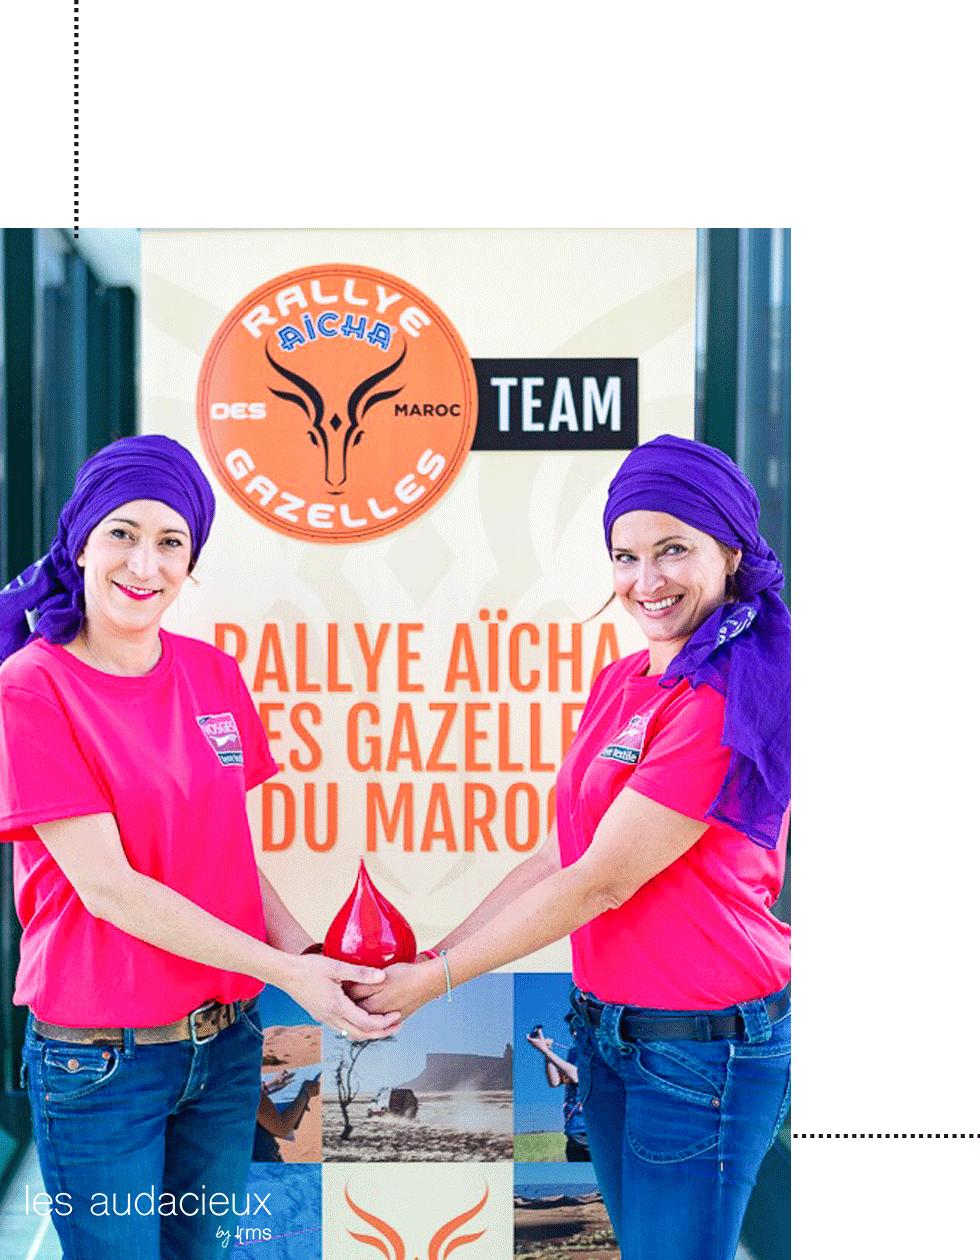 Equipage Les Elles gaz' pour Rallye aïcha des gazelles 2019 photo ©Elles gaz pour les Audacieux